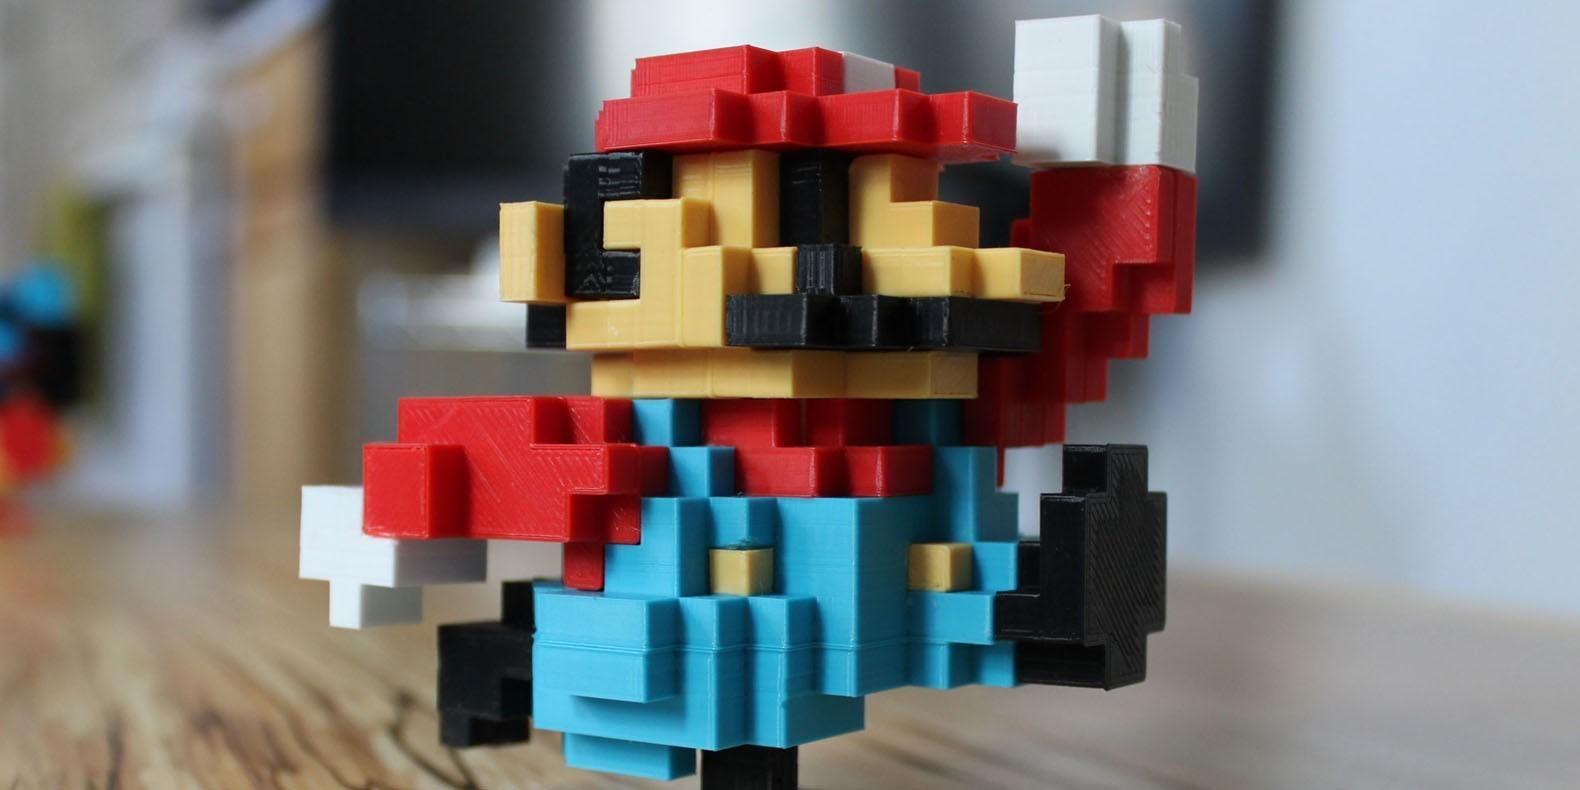 Retrouvez ici une sélection des meilleurs modèles 3D de Mario imprimables en 3D